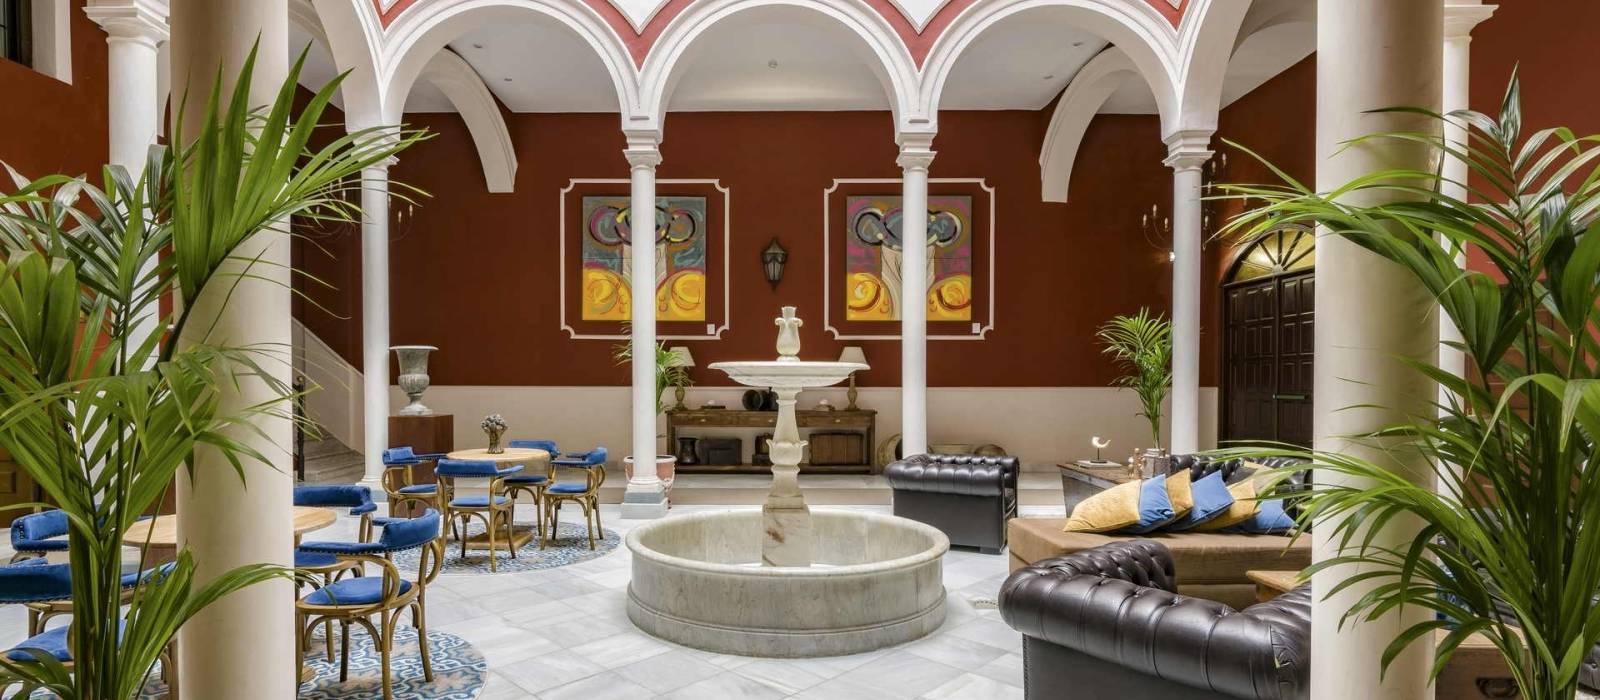 Patio interior Vincci La Rabida Sevilla